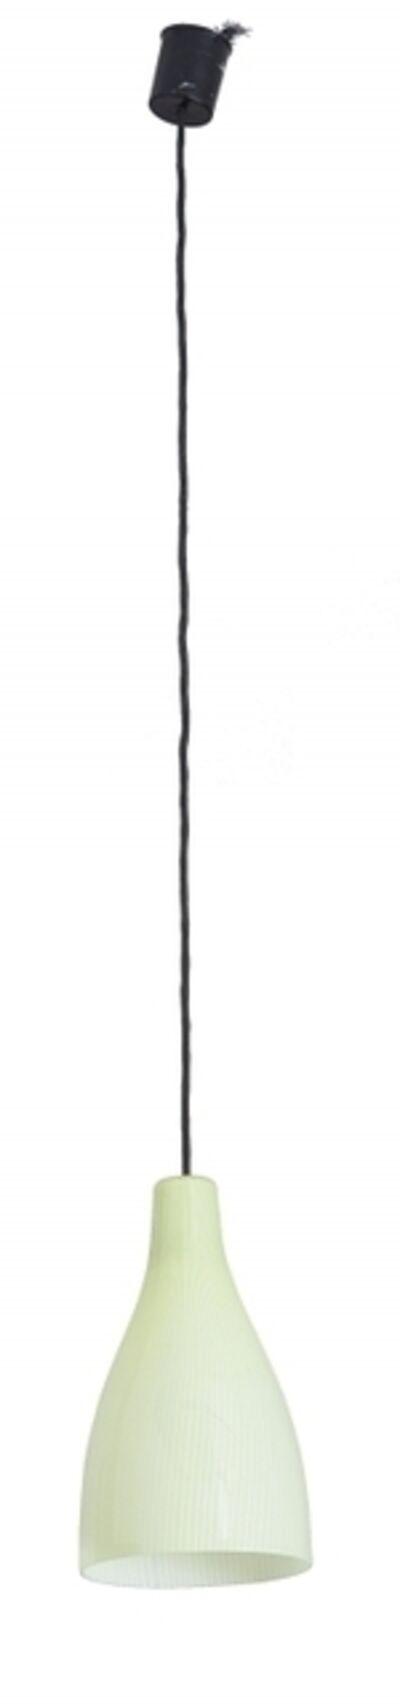 Massimo Vignelli, 'A SUSPENSION LAMP 60s.'